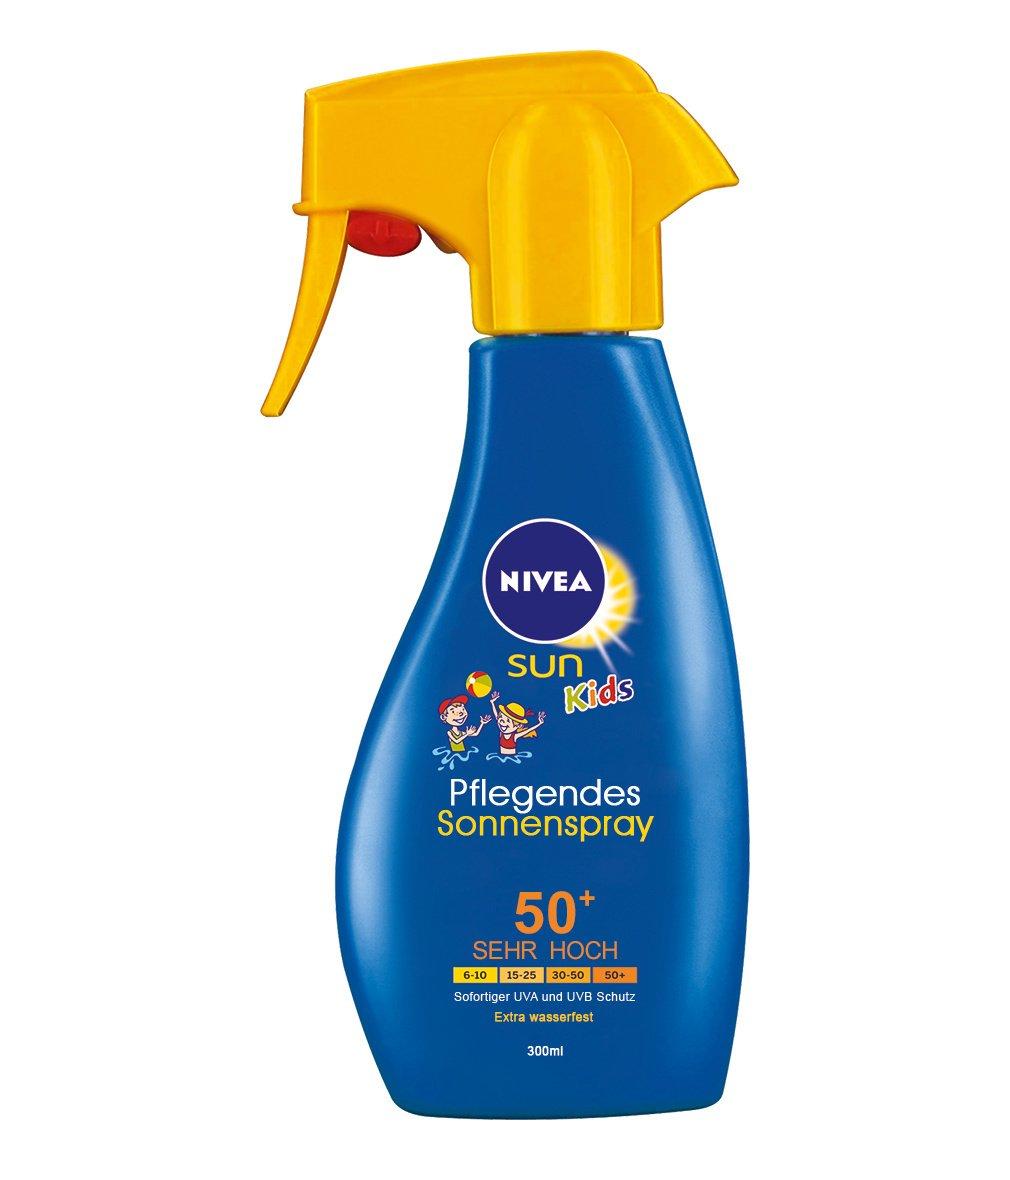 Nivea Sun Kids Pflegendes Sonnenspray LSF 50+, 1er Pack (1 x 300 ml) 85626_1